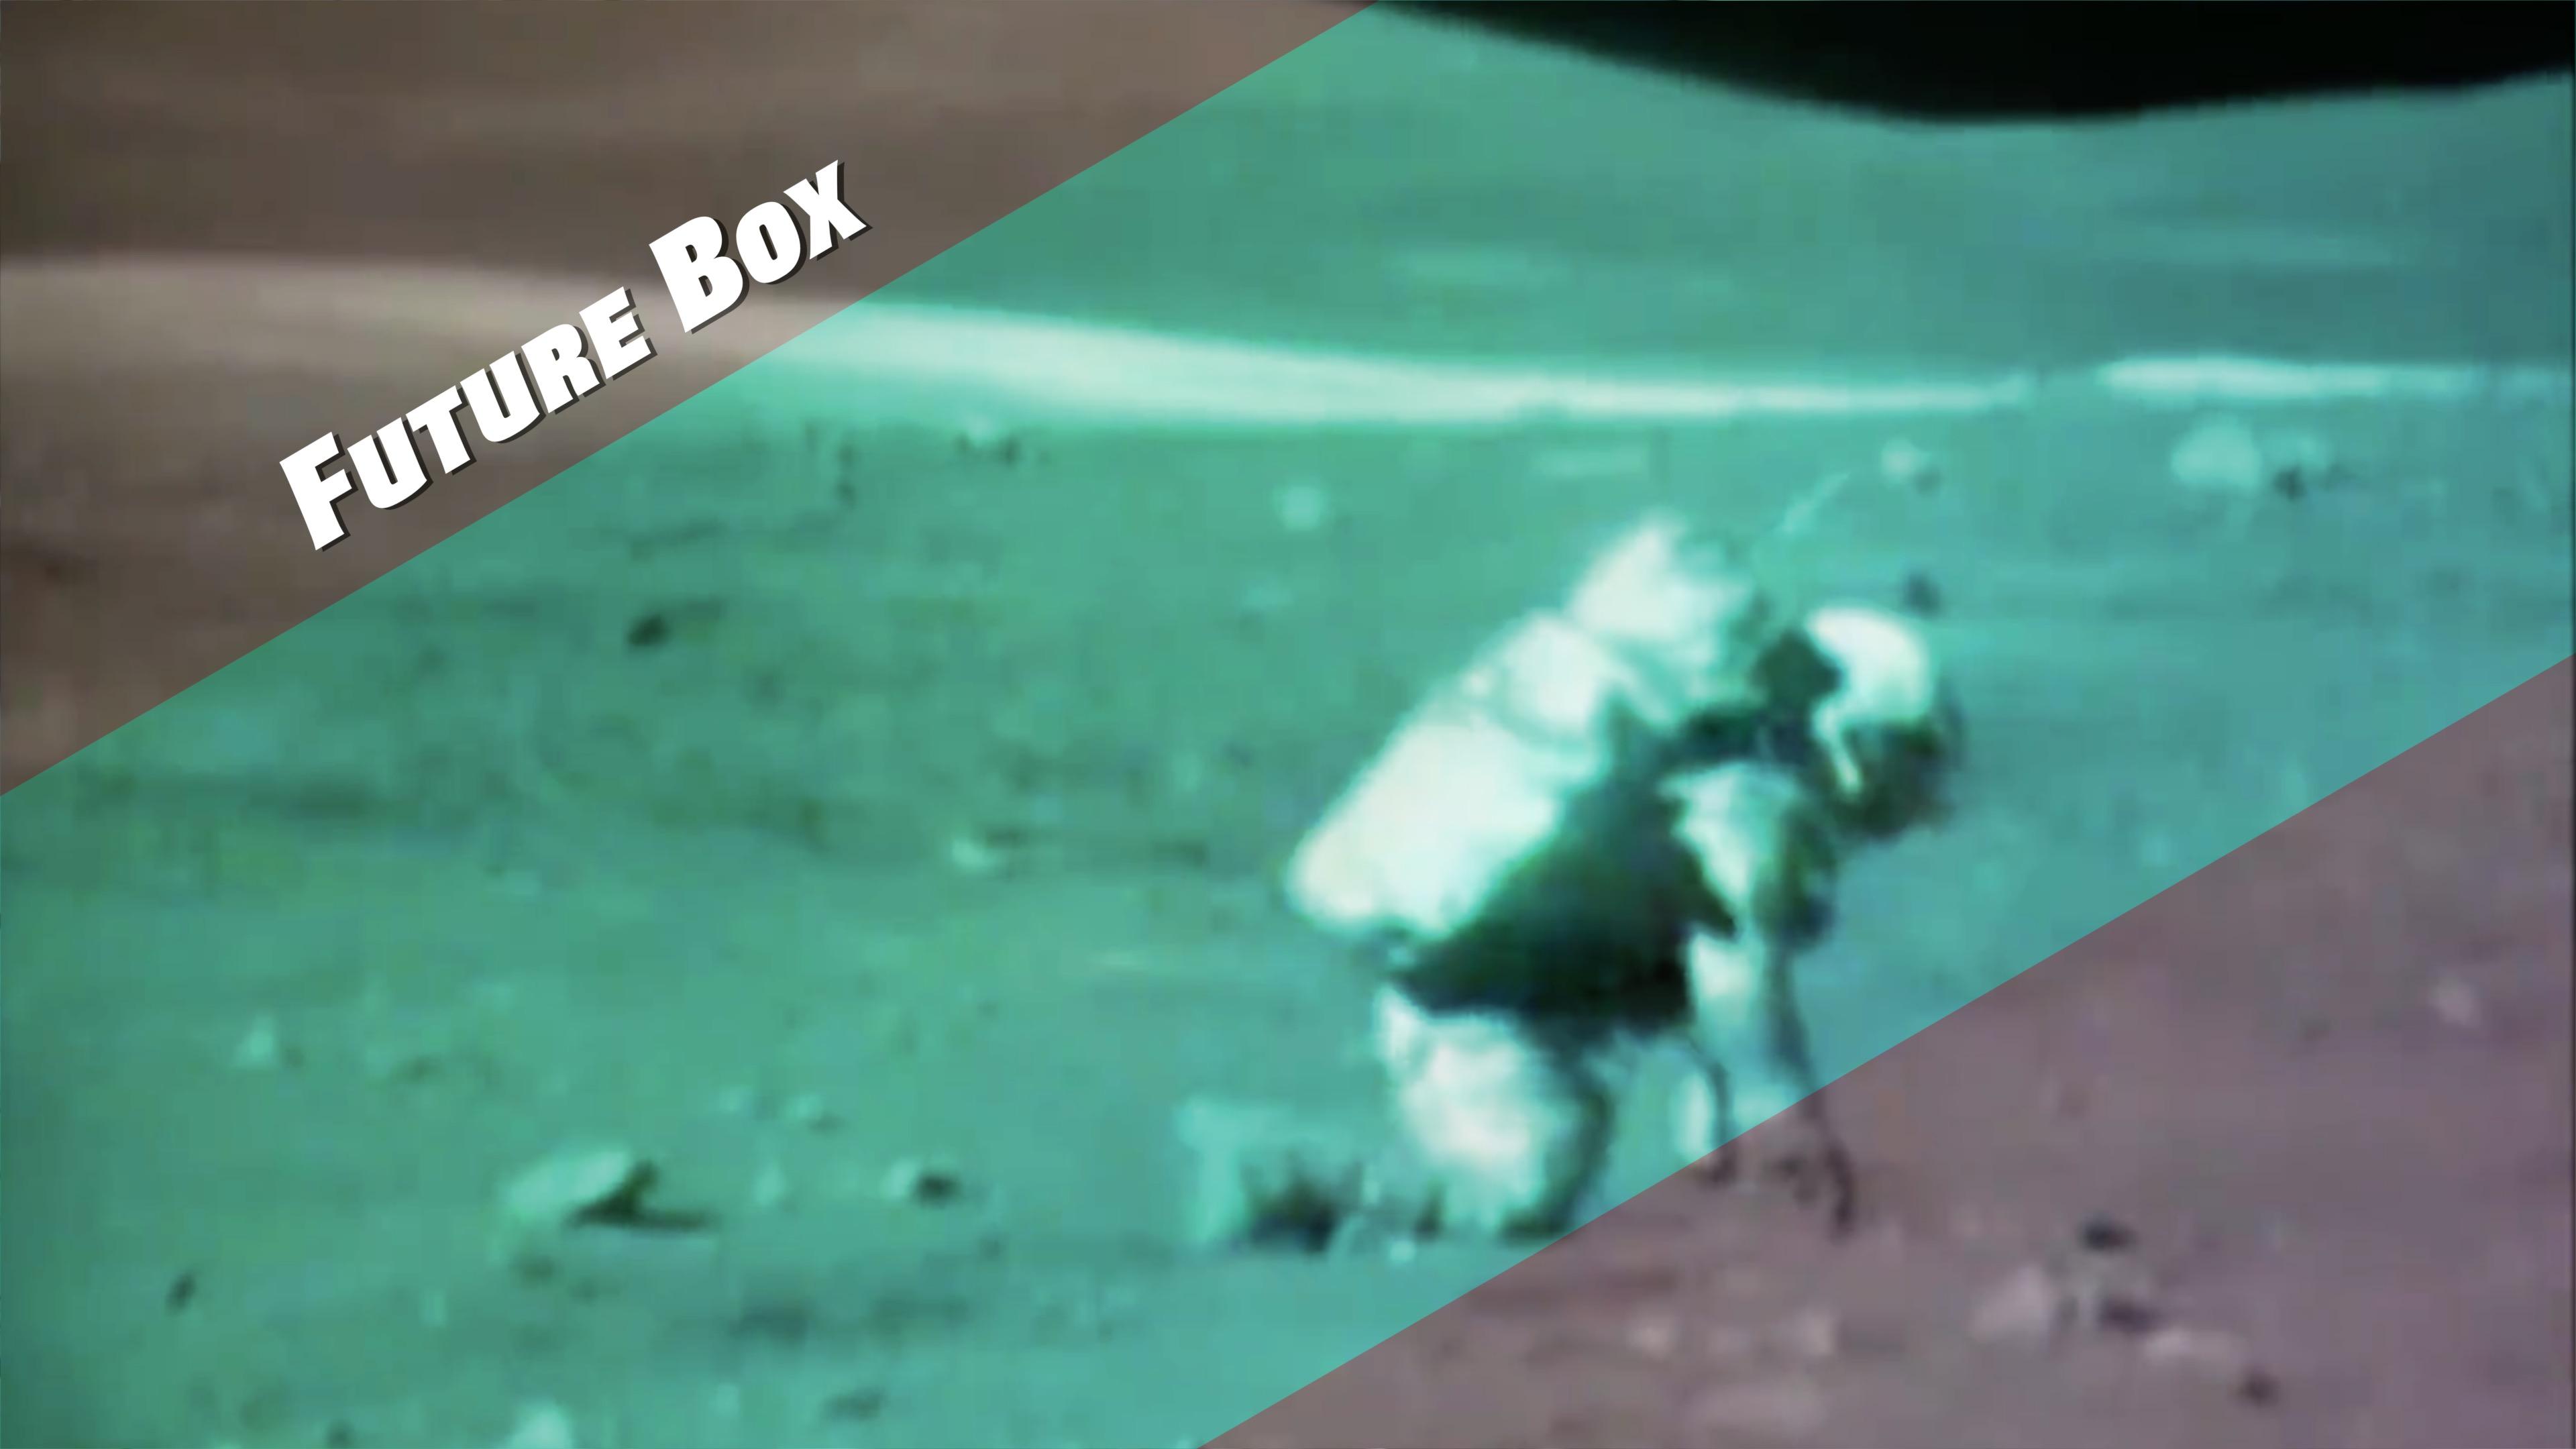 【百人牛牛视频 Future Box】50年前,宇航员在月球上2小时摔了多少跤?